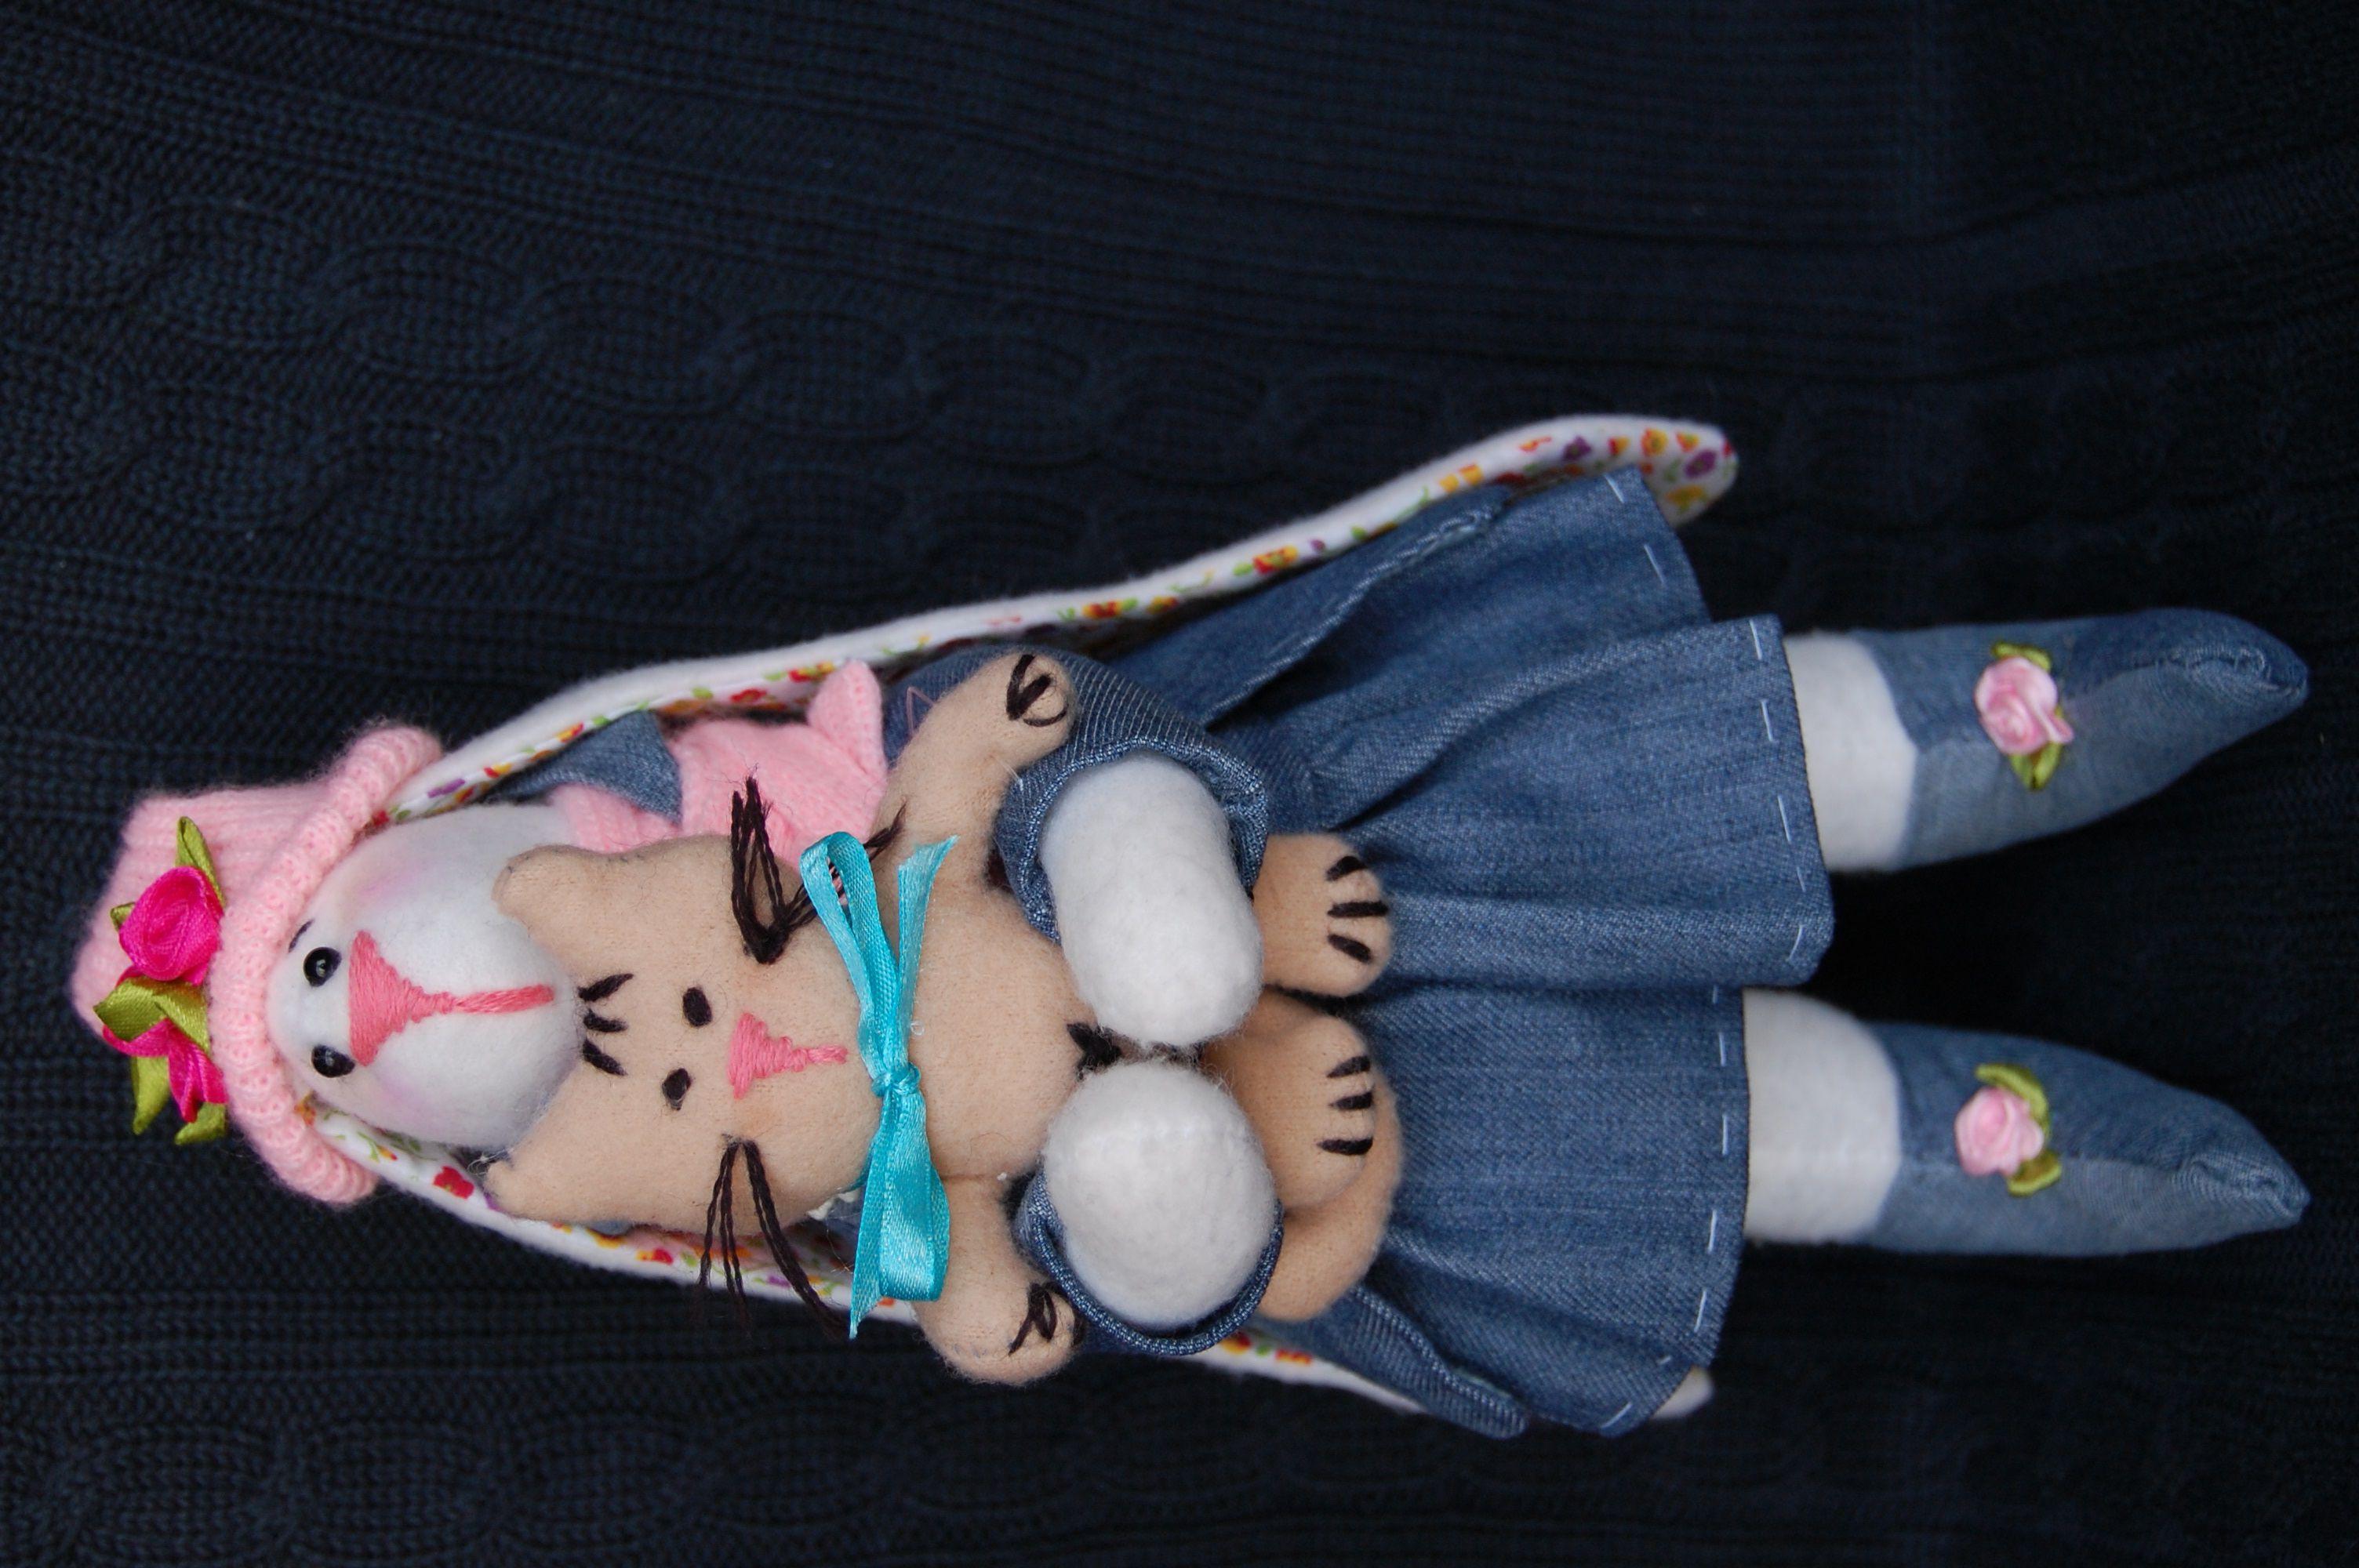 игрушка работа ручная украшение интерьер тильда зайка подарок